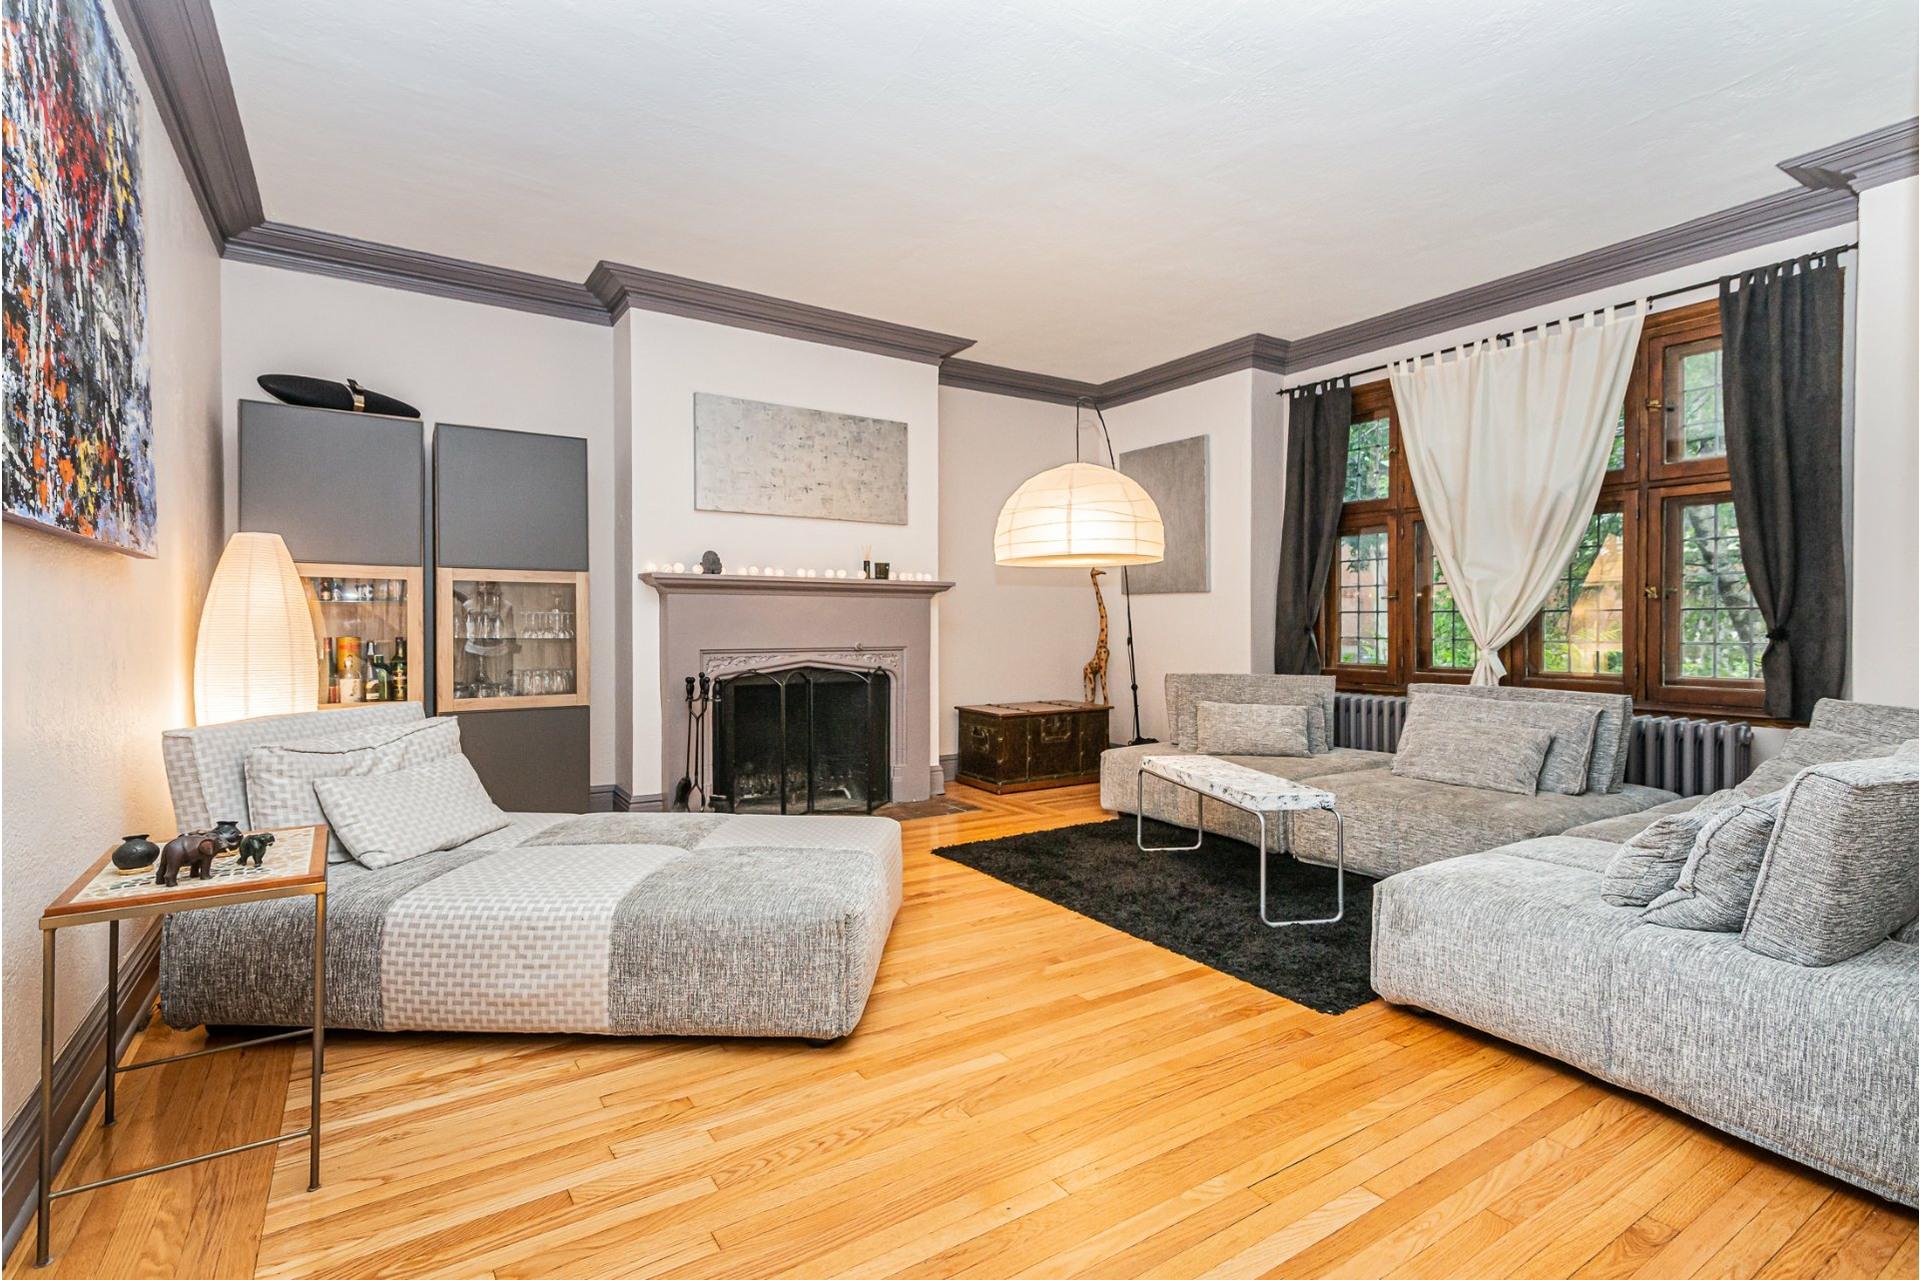 image 2 - House For rent Côte-des-Neiges/Notre-Dame-de-Grâce Montréal  - 9 rooms